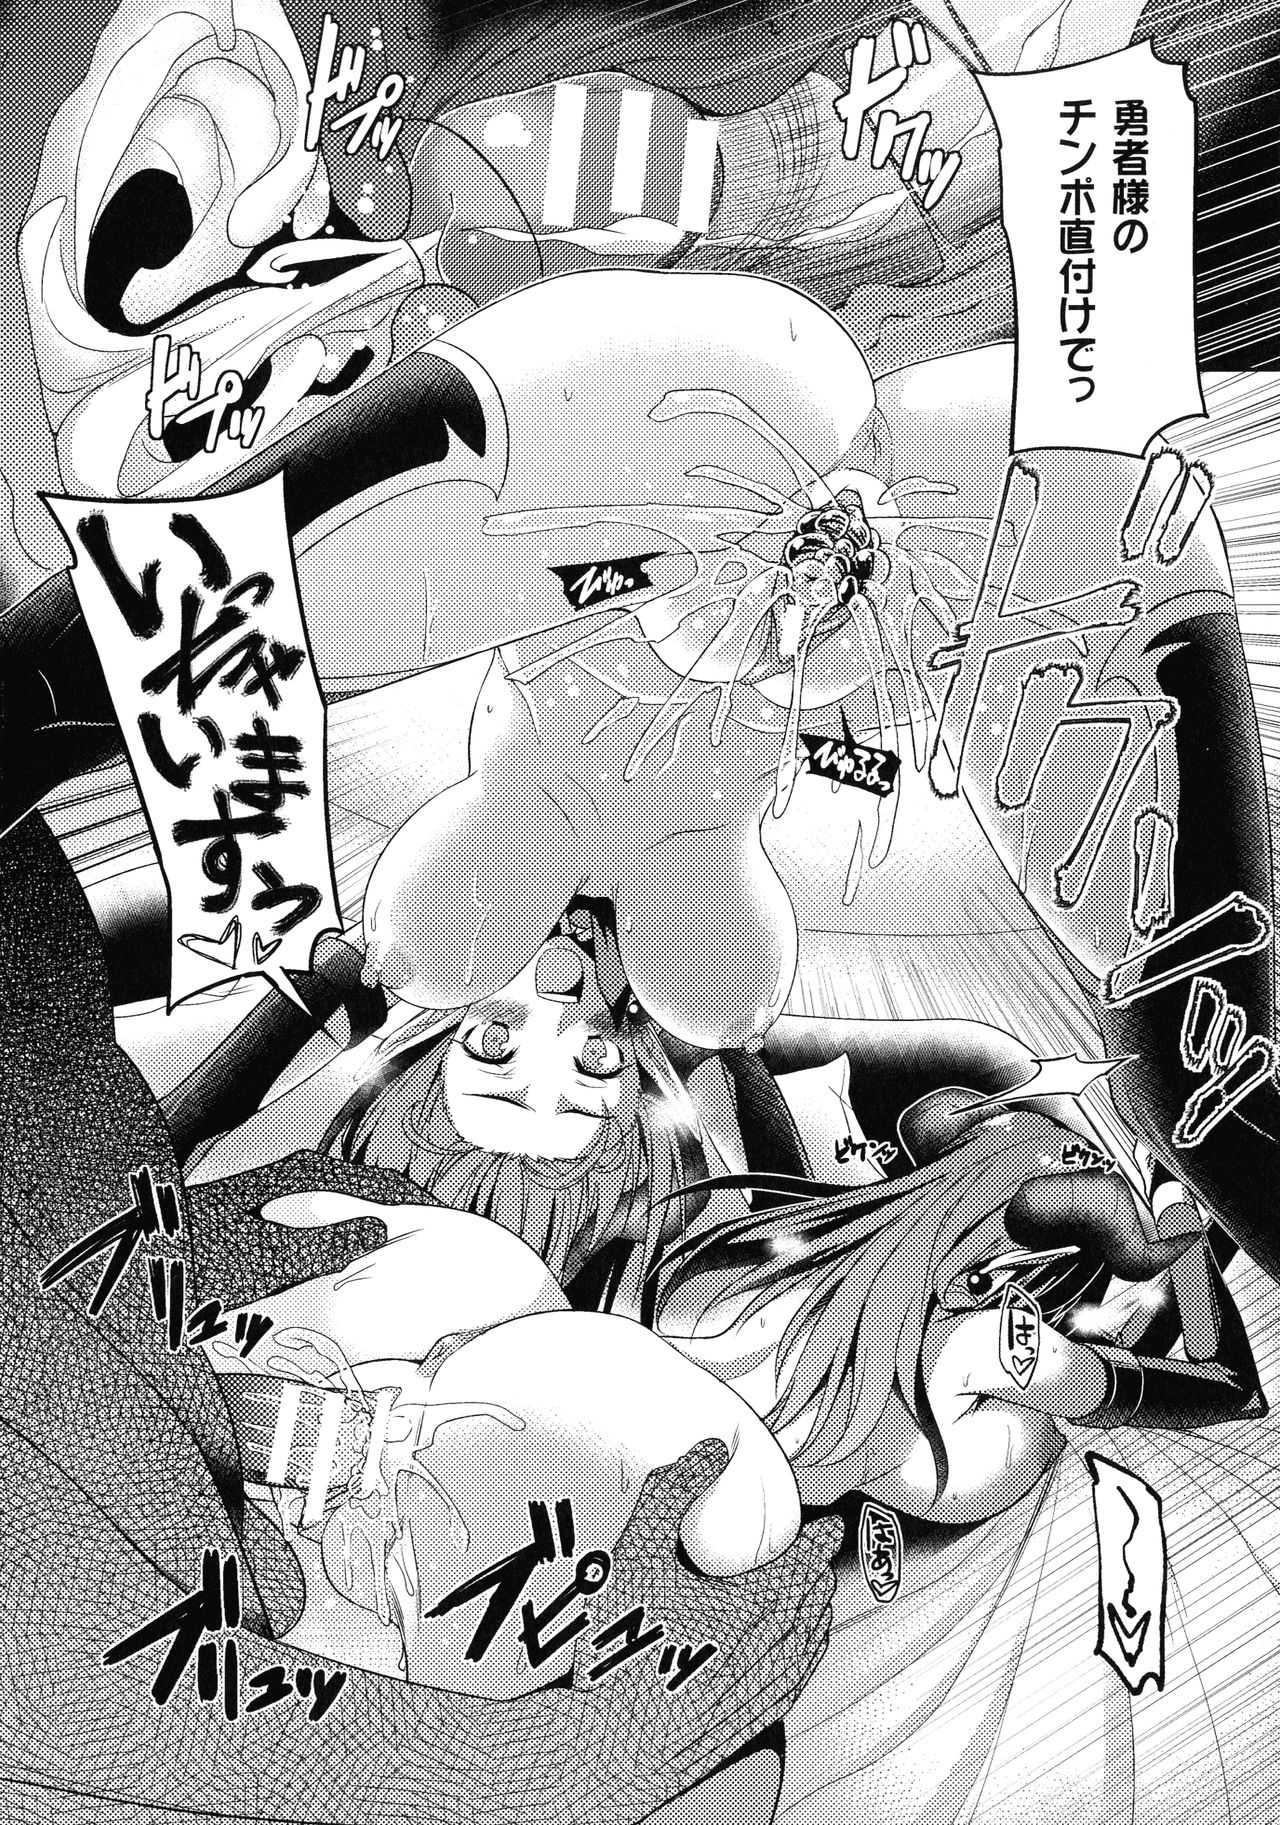 【エロ漫画】勇者に捕われたサキュバスの女の子…絶え間なく続く苛烈な快楽責めに屈し快楽堕ちwww【みやねあき:Guidance of soul】